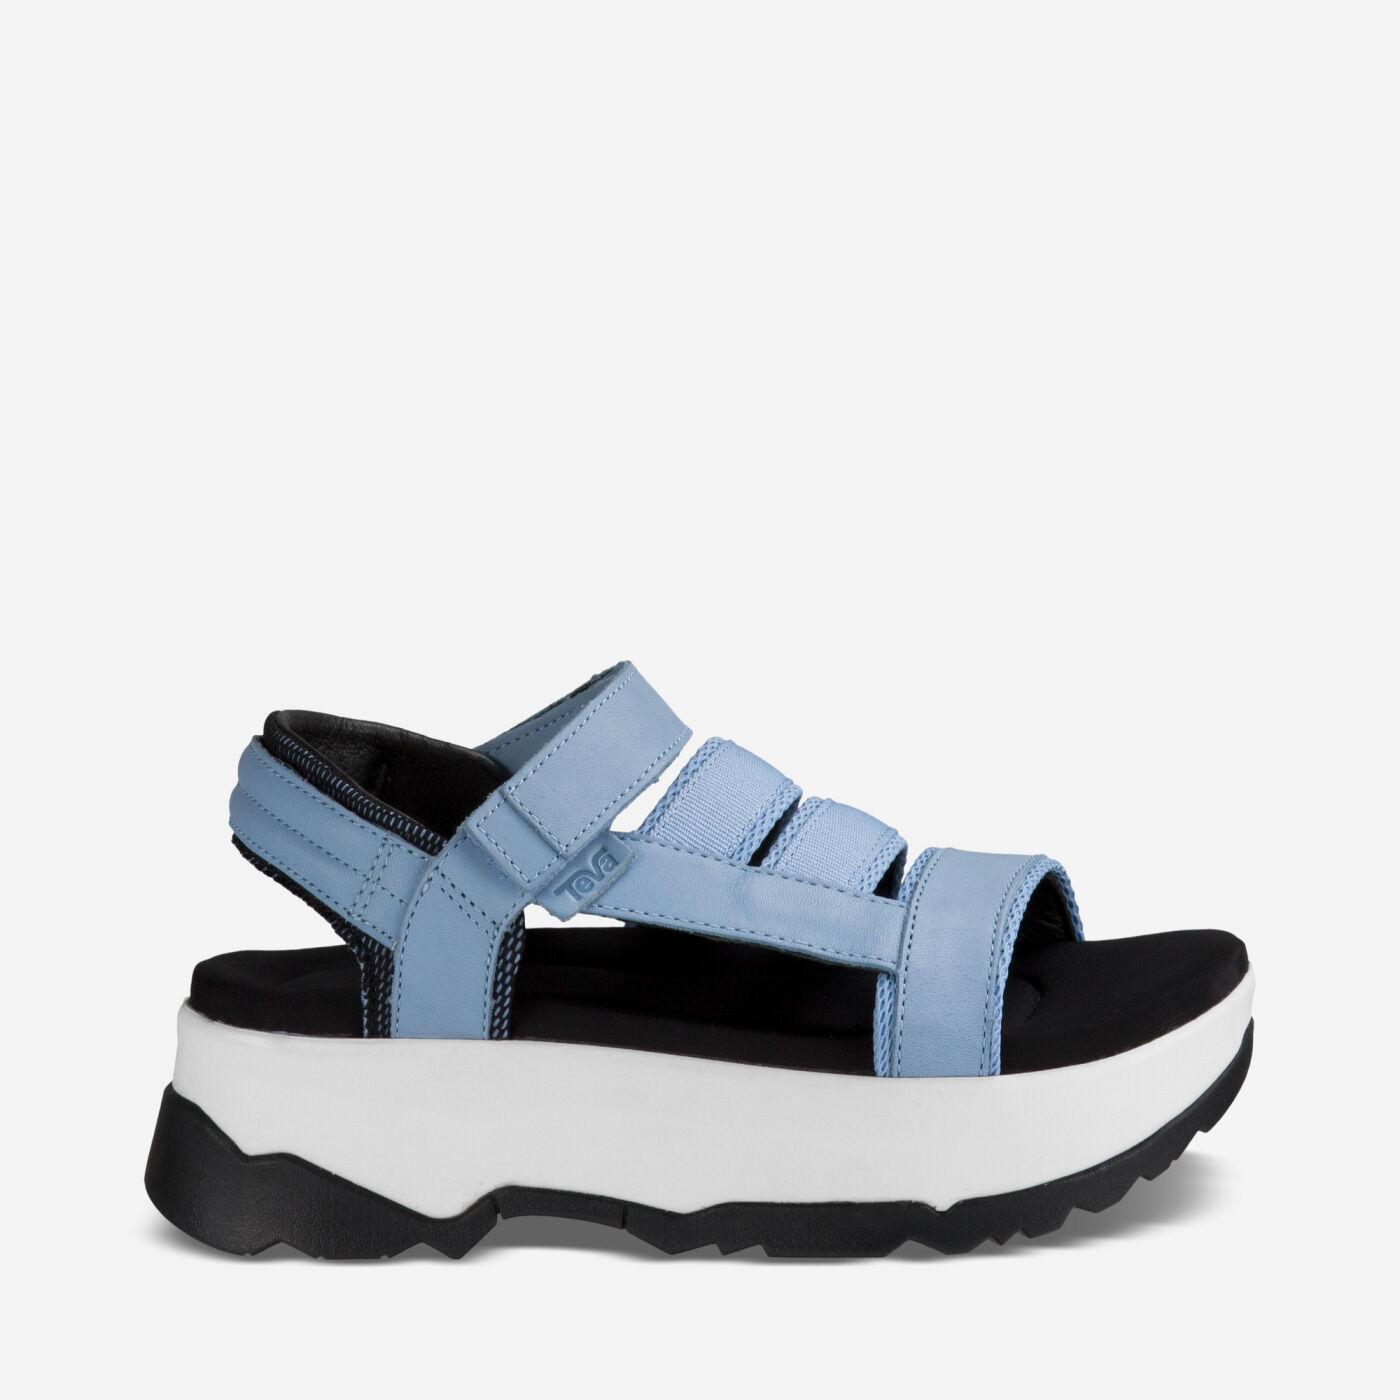 Women's zirra sandals - Zamora